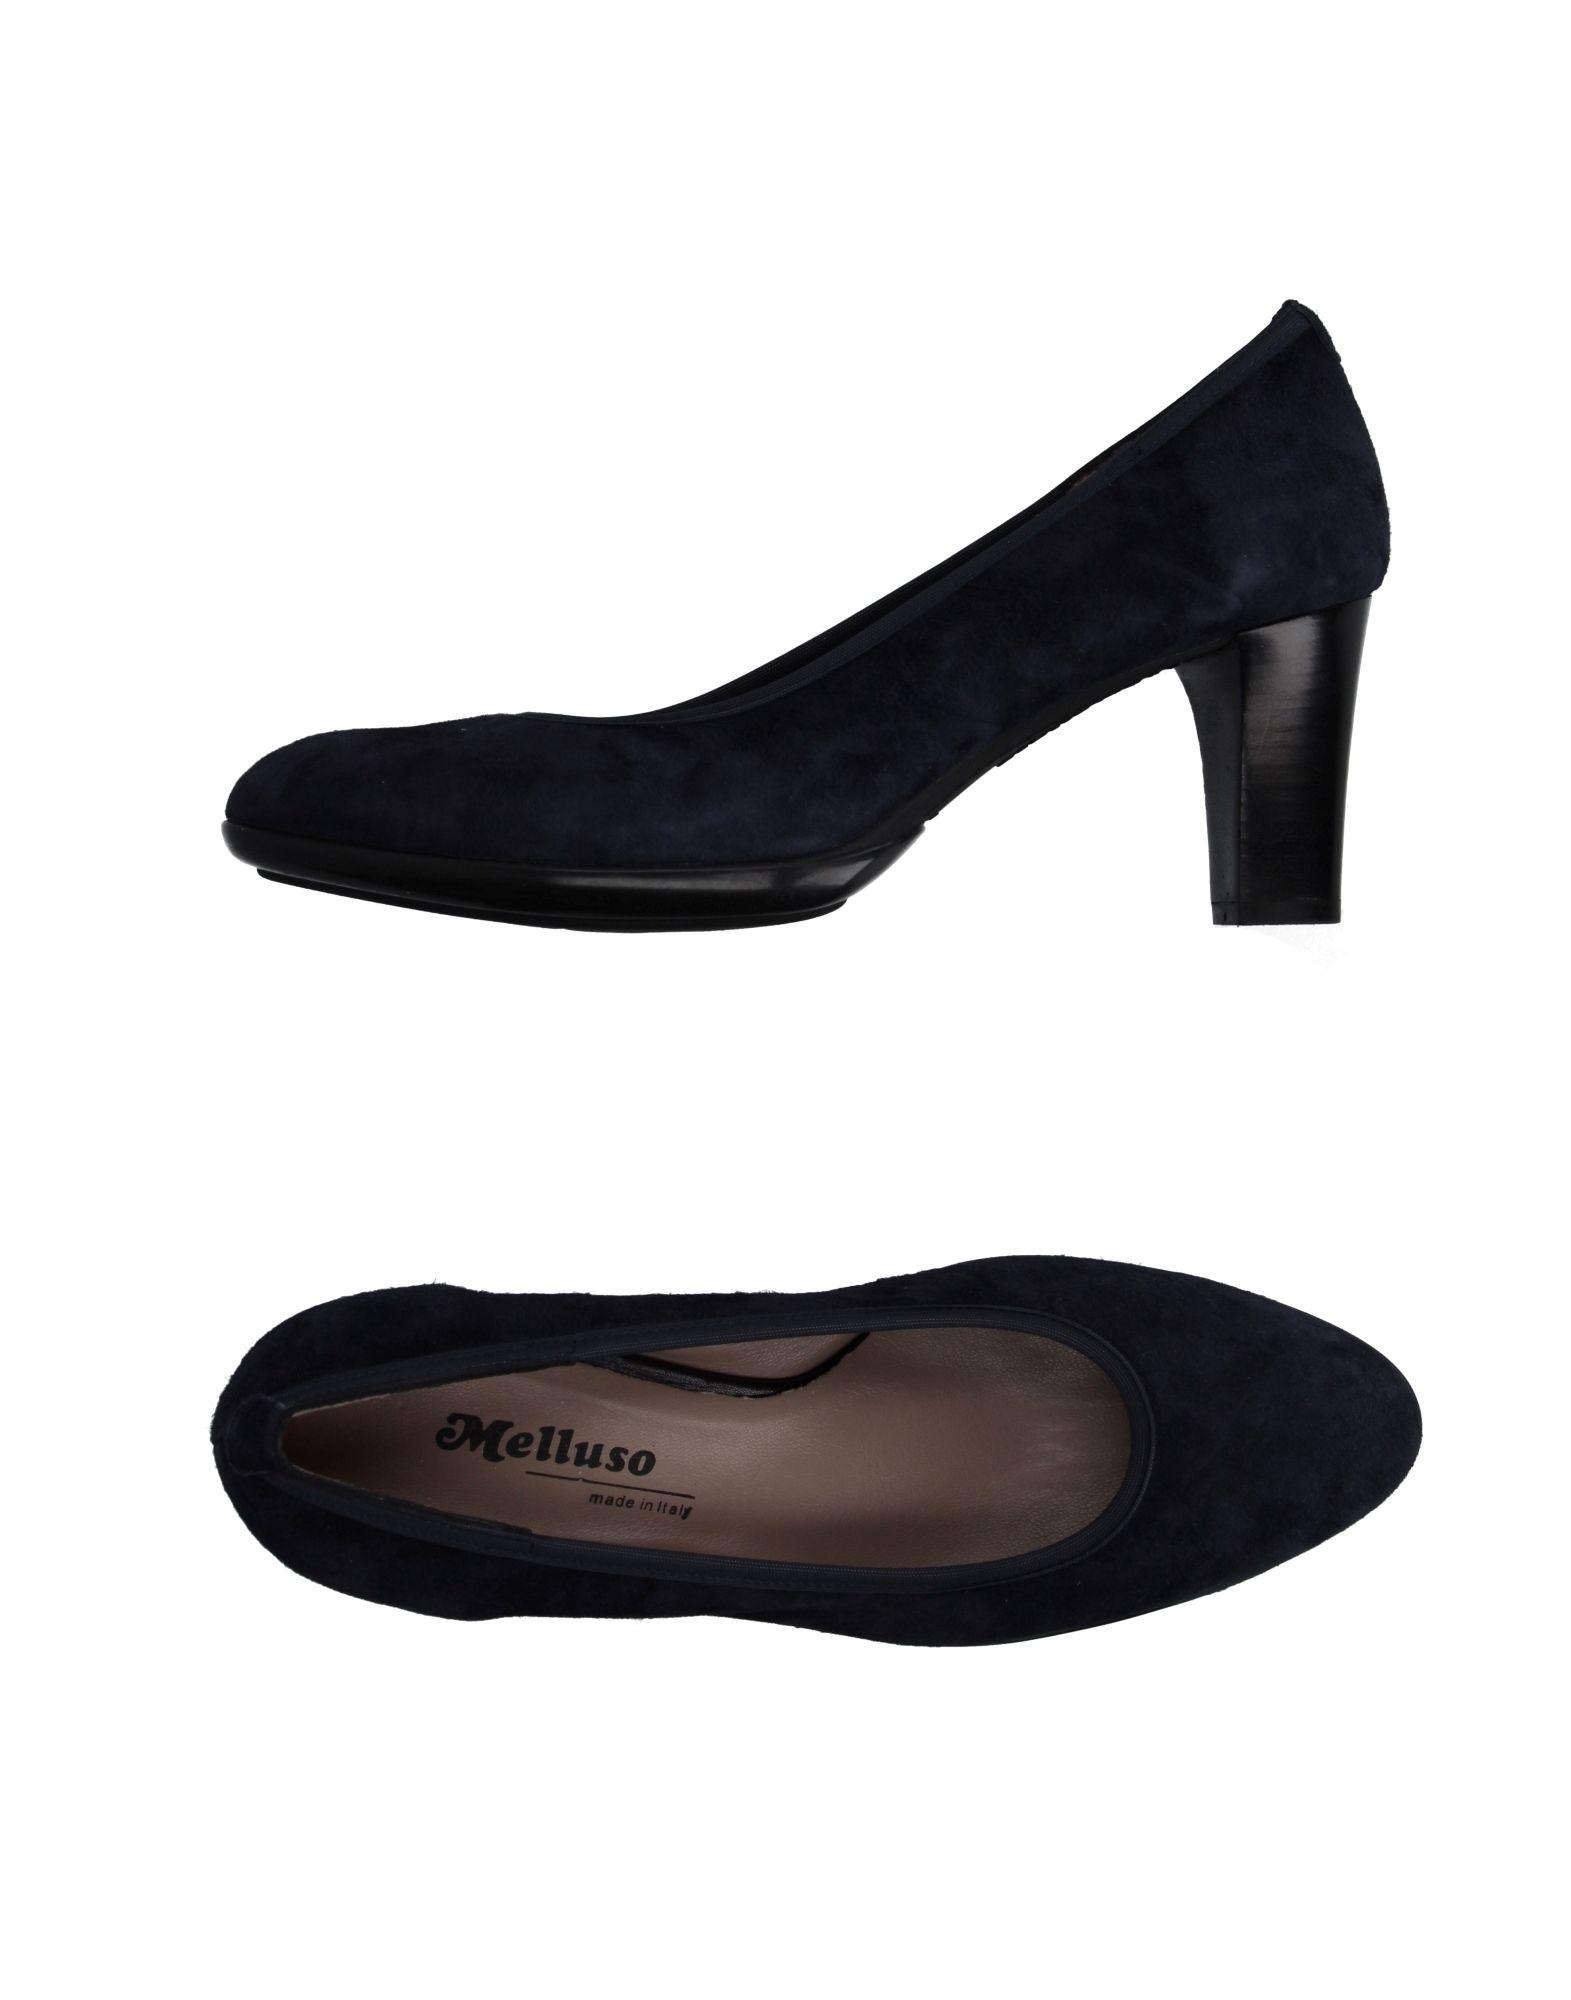 Melluso Pumps Damen Qualität  11055707AR Gute Qualität Damen beliebte Schuhe dfe1d1